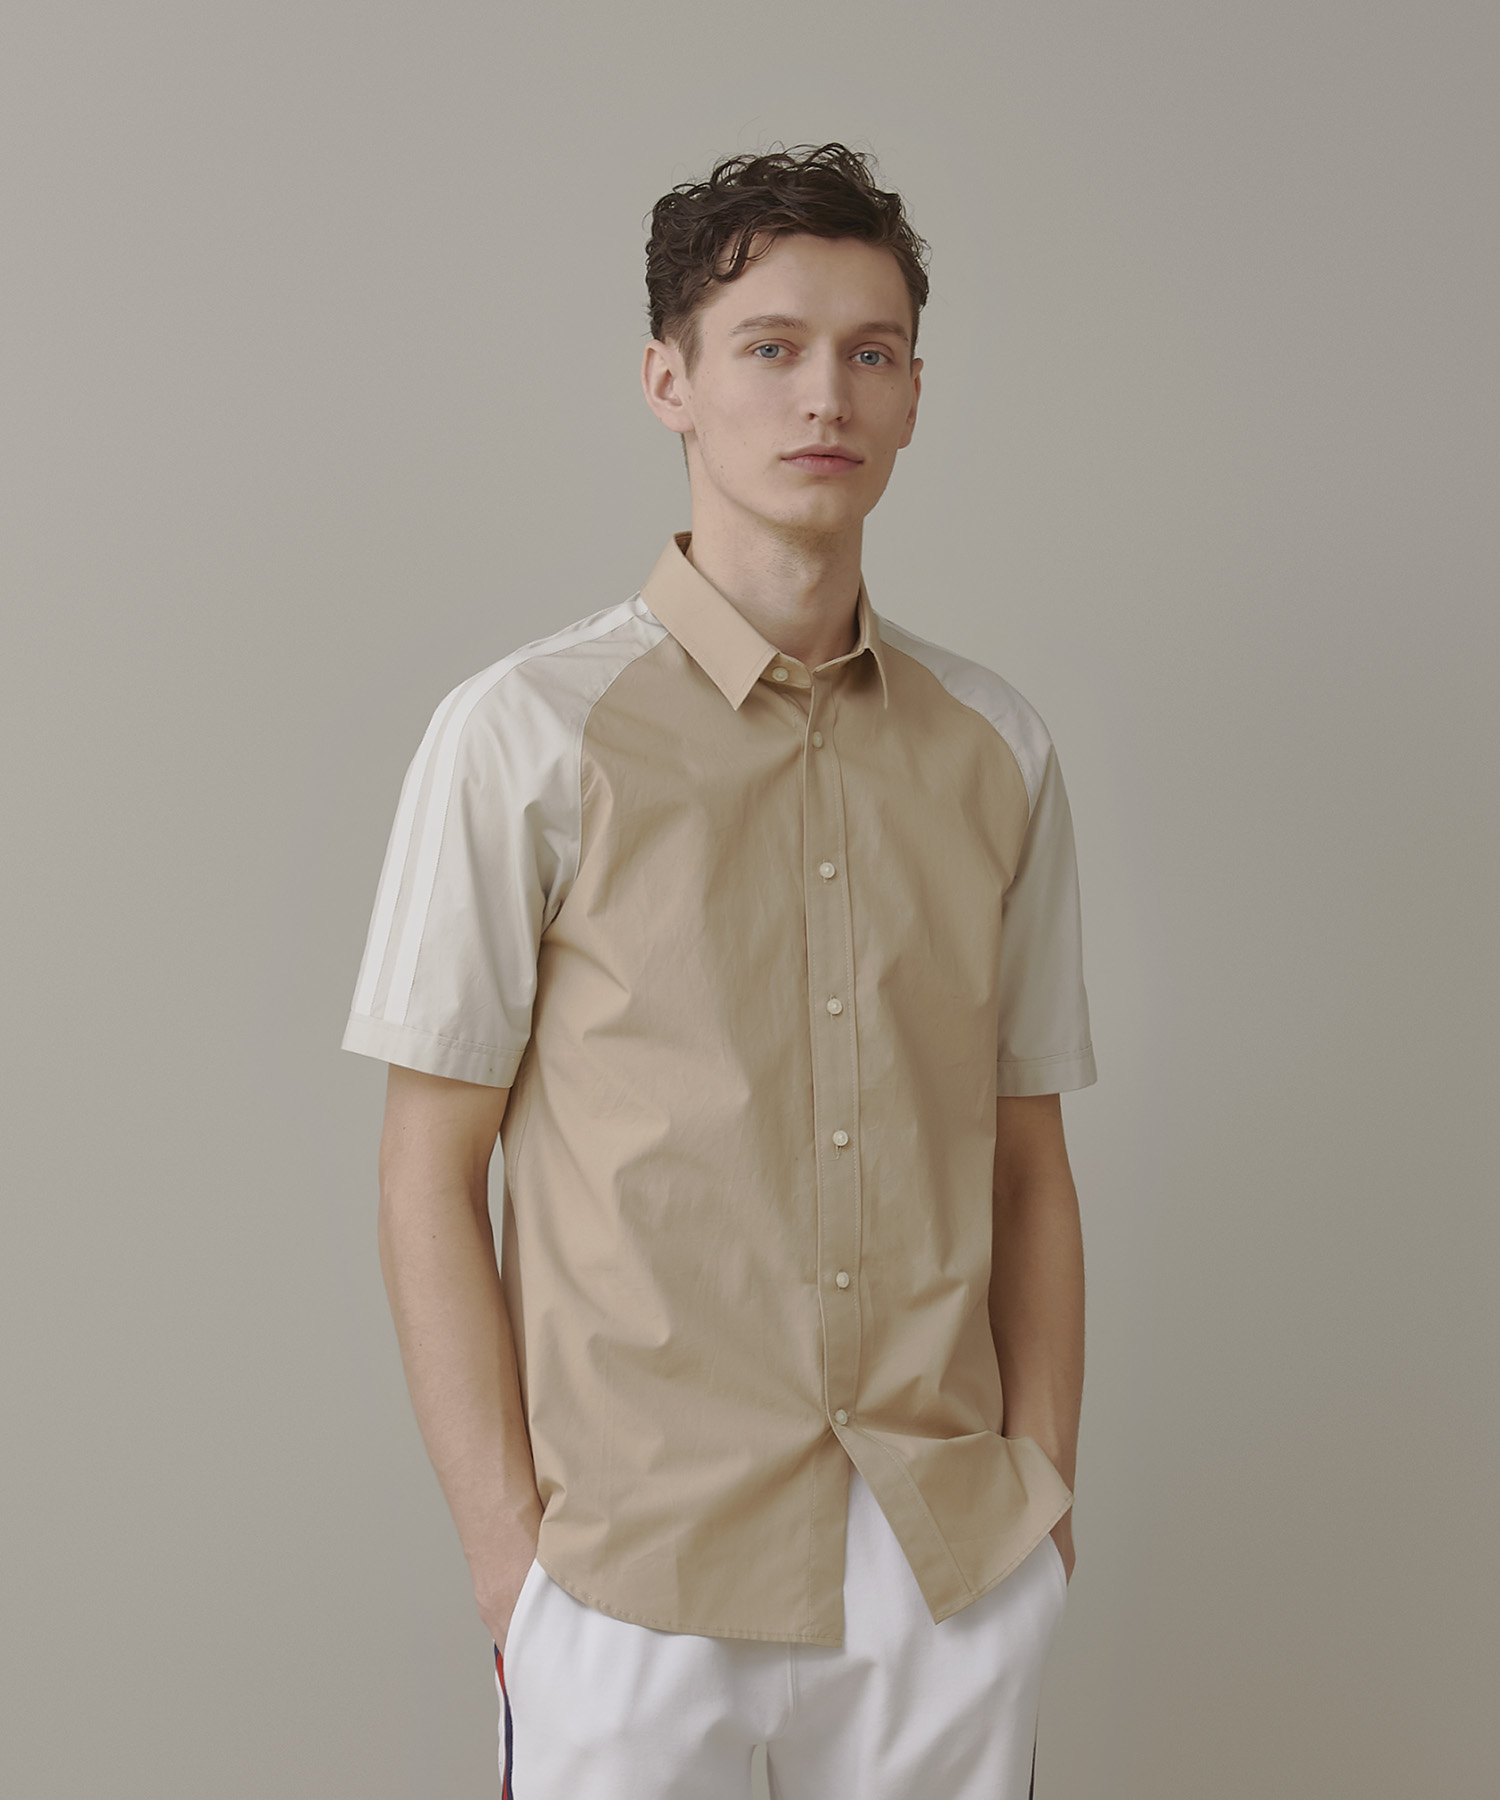 芸能人が嵐にしやがれで着用した衣装シャツ / ブラウス